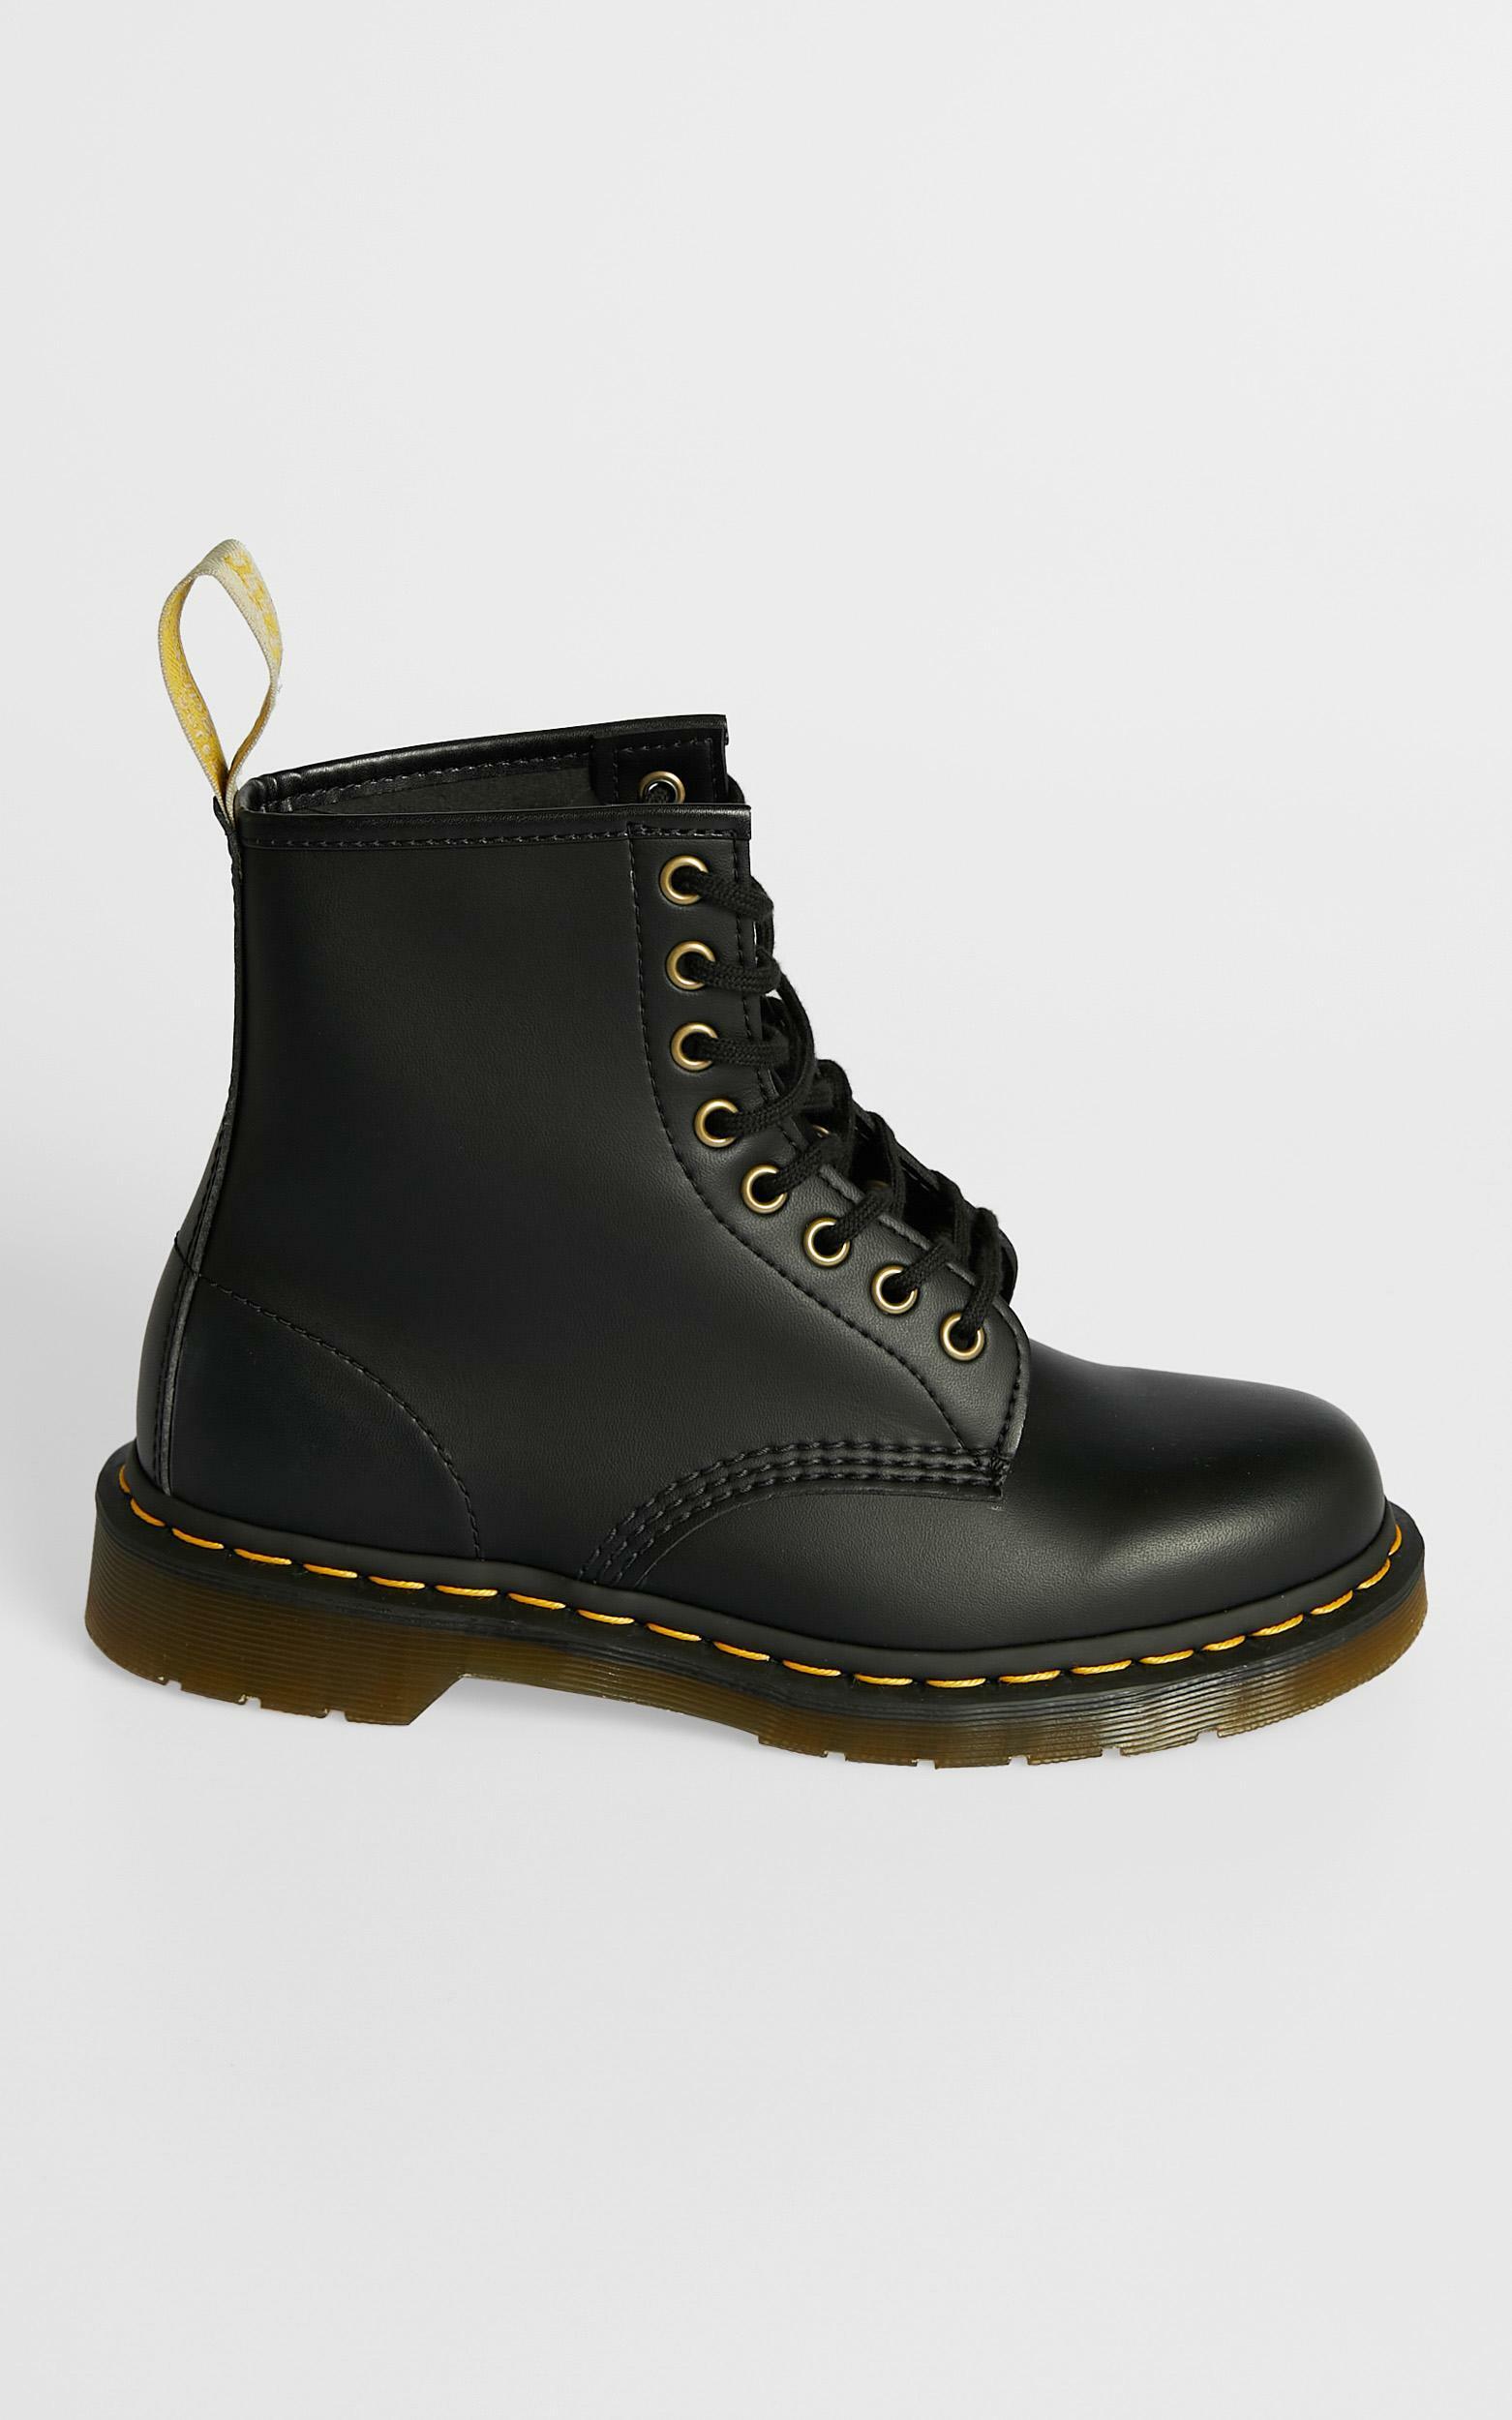 Dr. Martens - 1460 Vegan 8 Eye Boot in Black - 5, Black, hi-res image number null